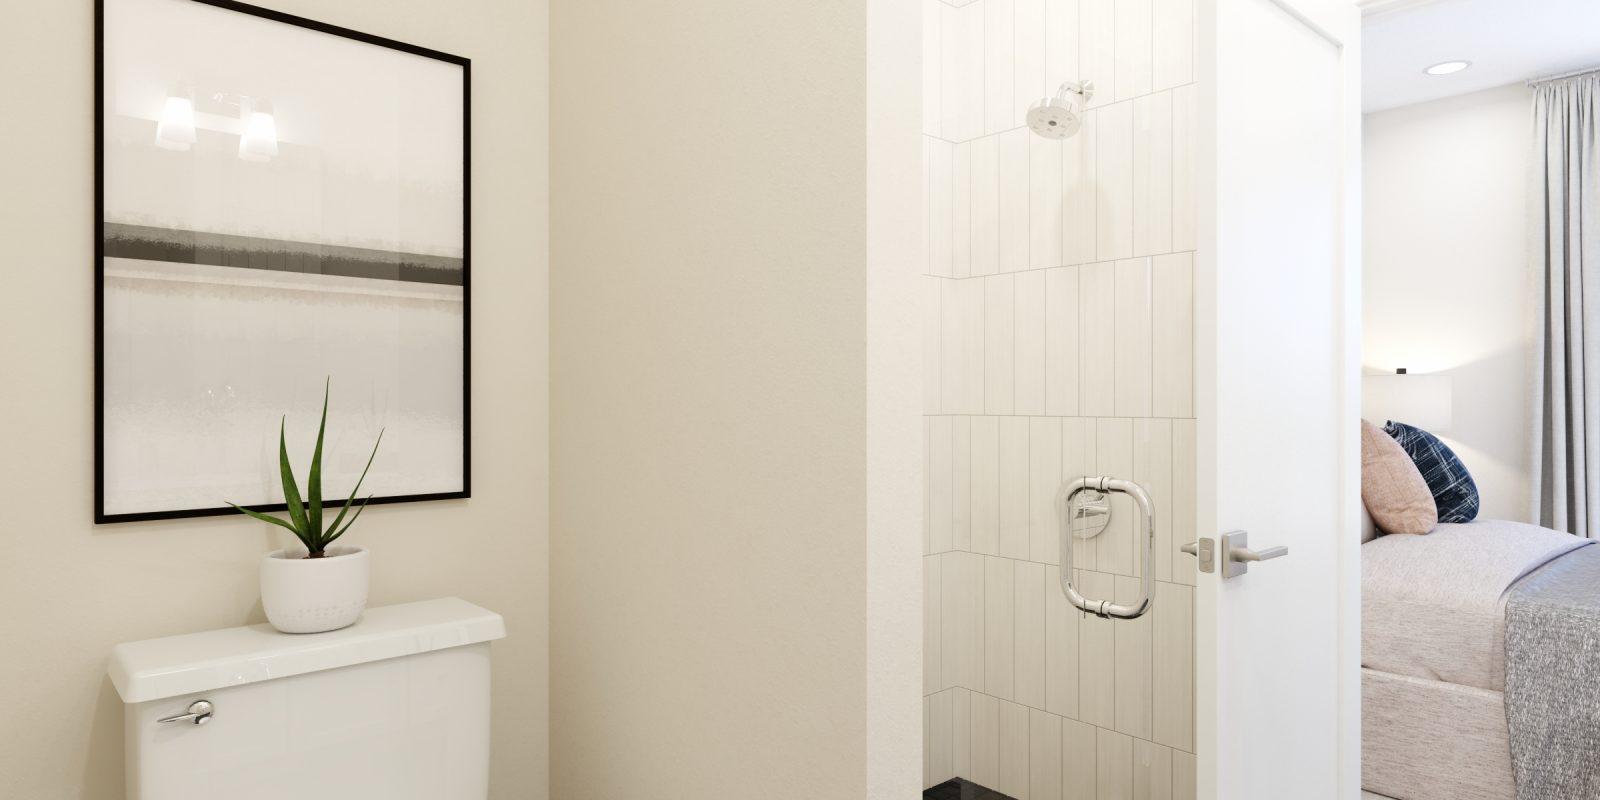 WestRidge DoMore Rows: Escape - Primary Bathroom